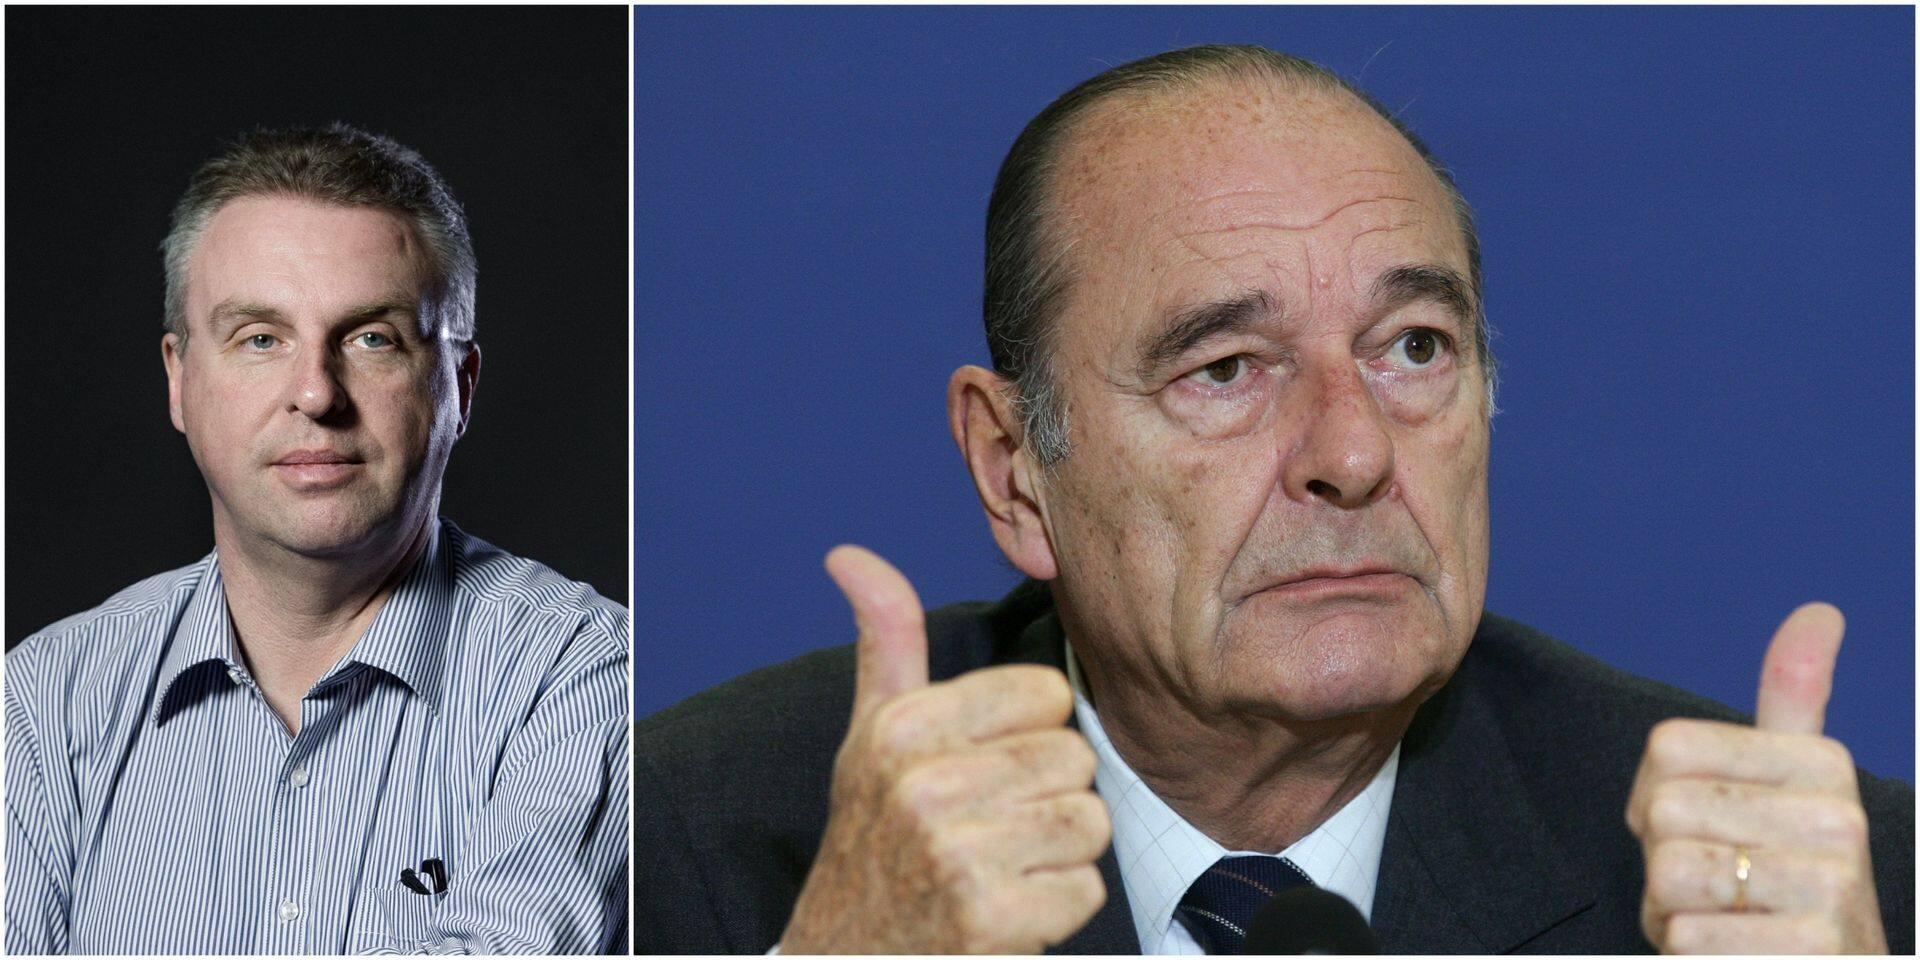 Jacques Chirac, ce président sympathique qui buvait, fumait et draguait en public